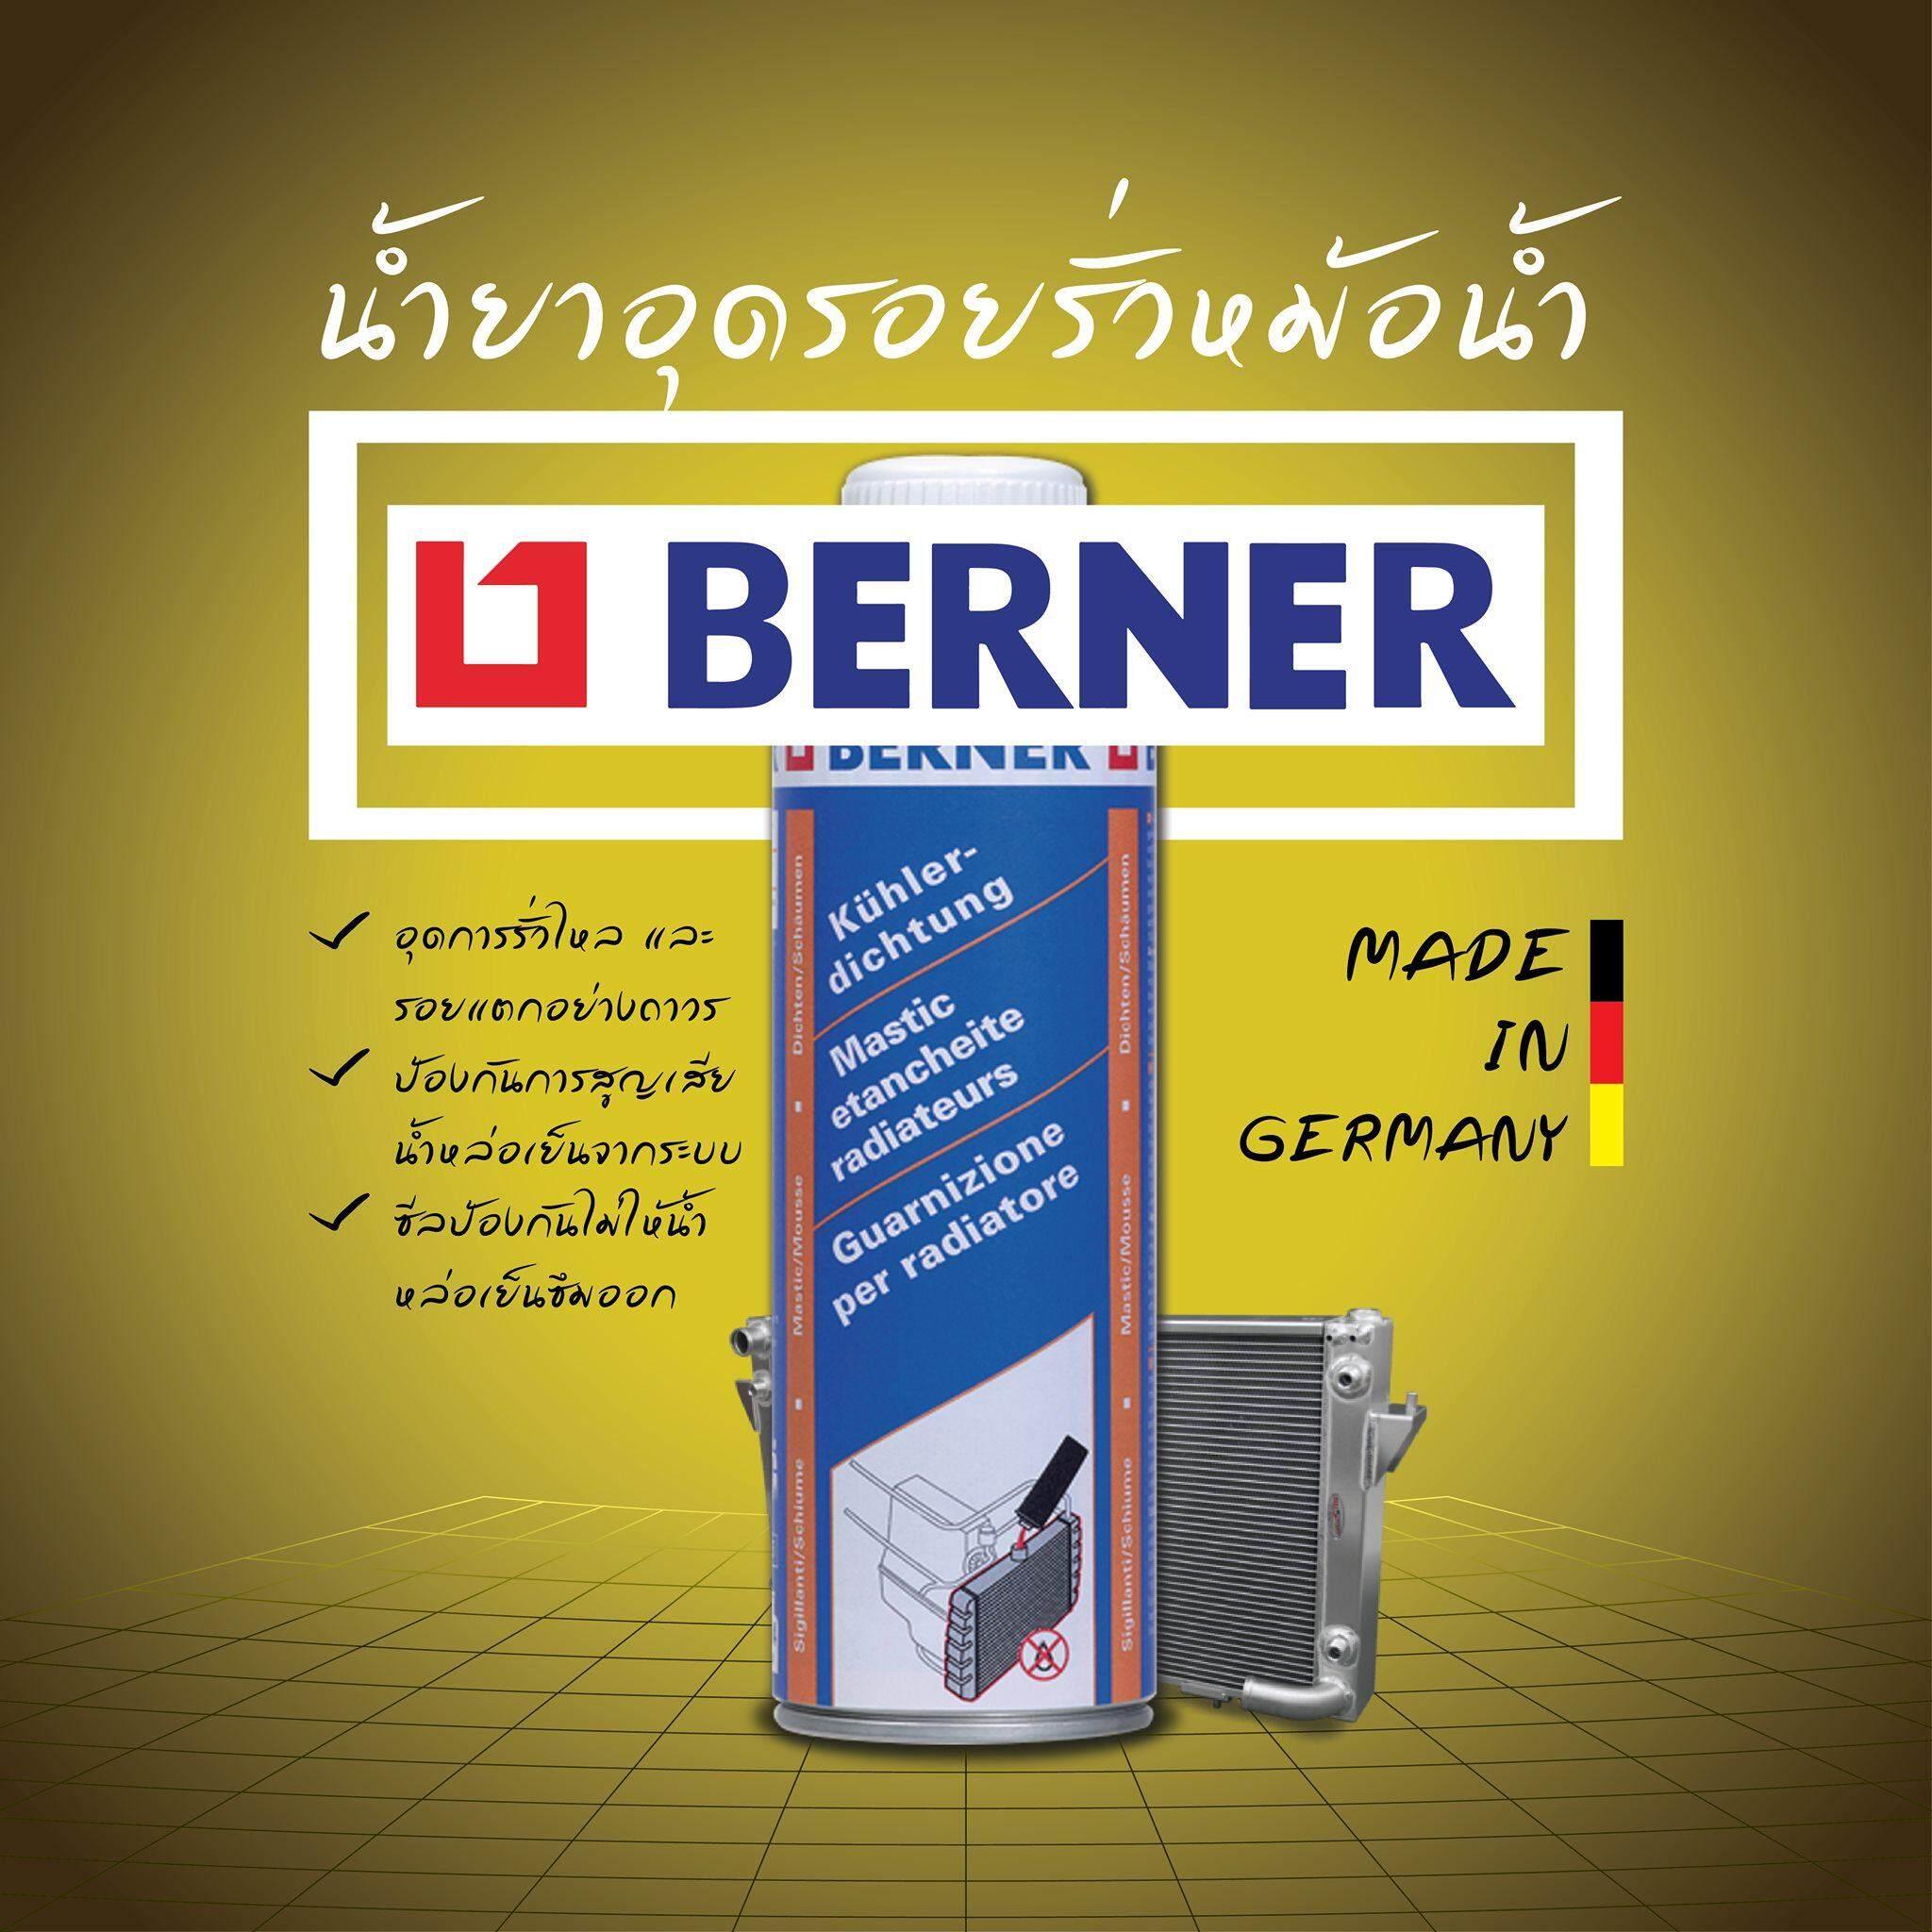 BERNER น้ำยาอุดรอยรั่วหม้อน้ำ 300 ml.